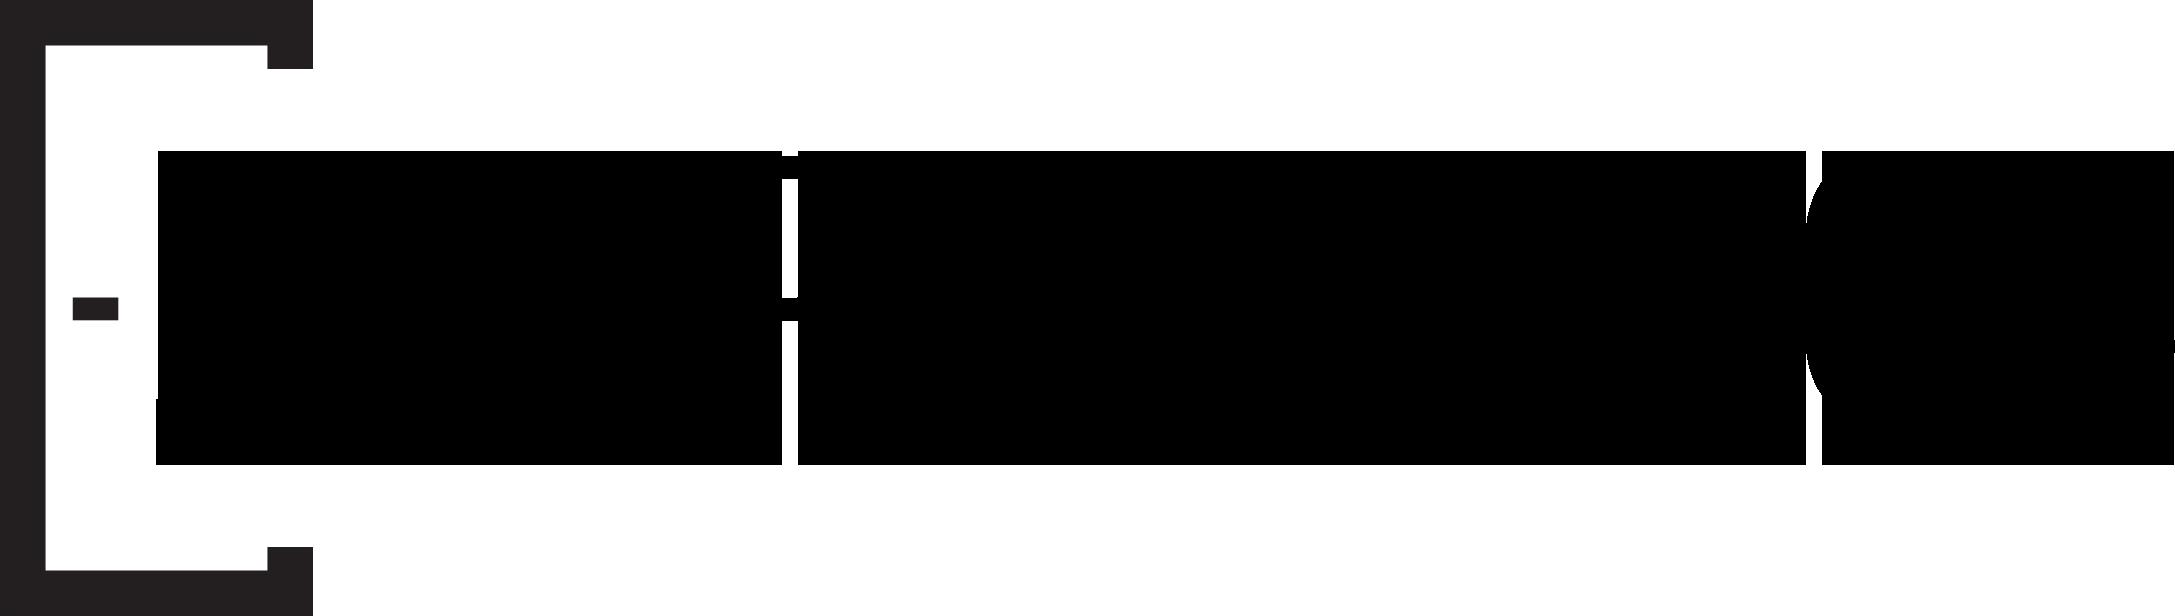 DverkiPlus